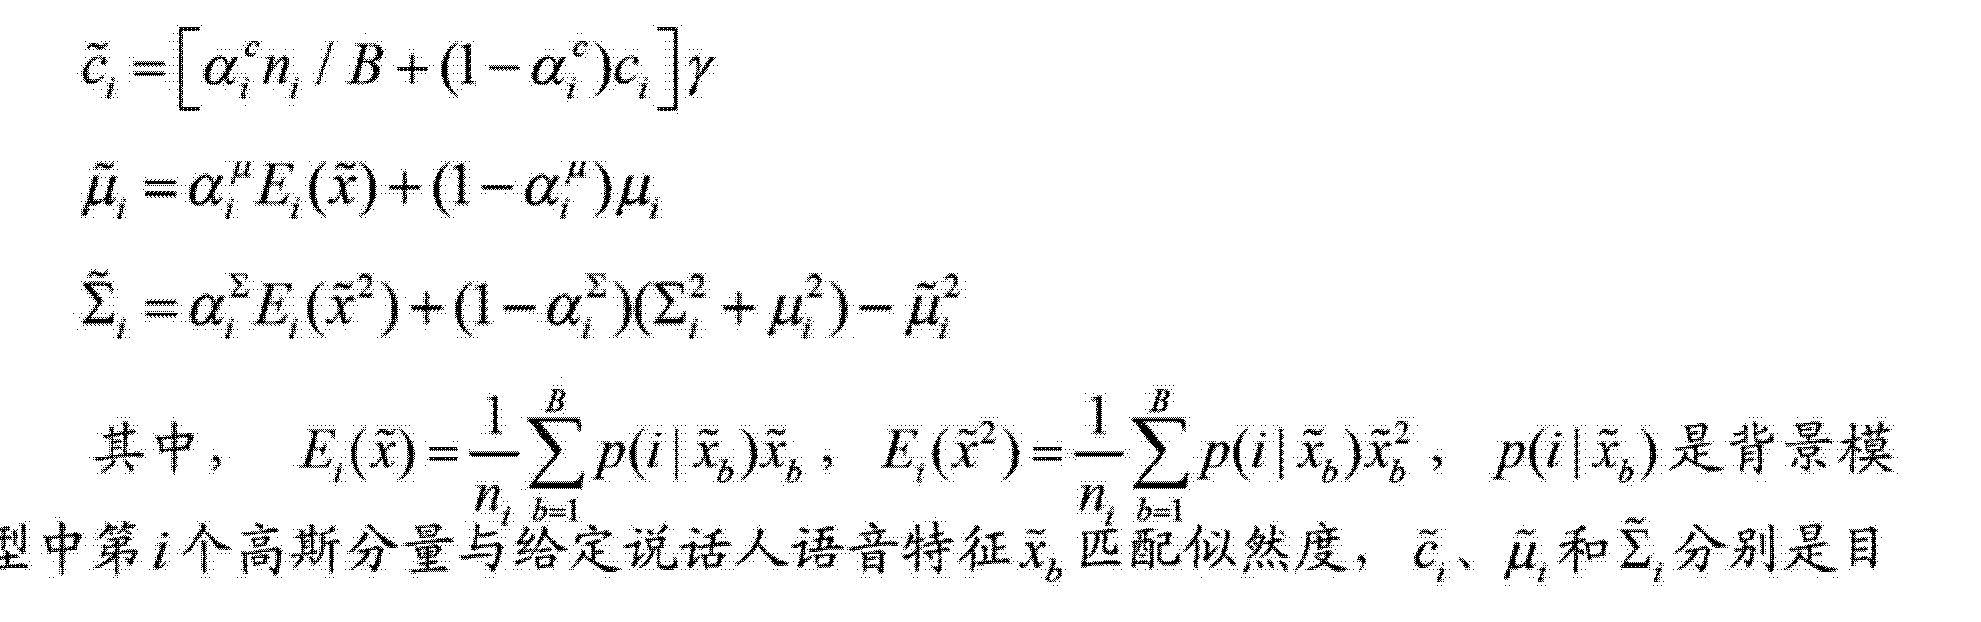 Figure CN103345923AC00031